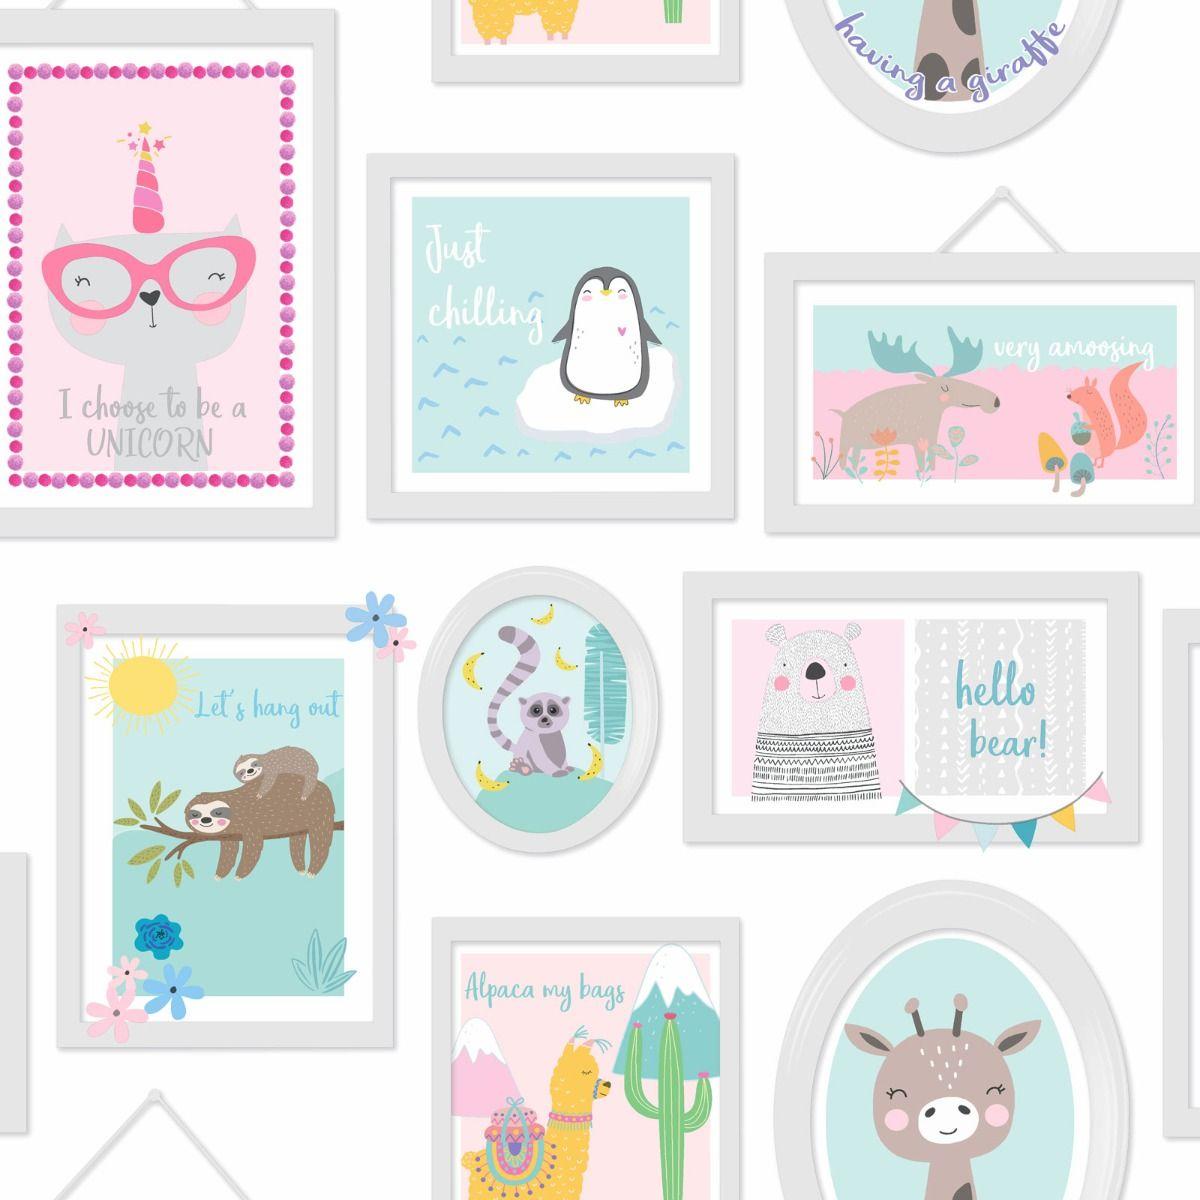 holden childrens wallpaper new arrival